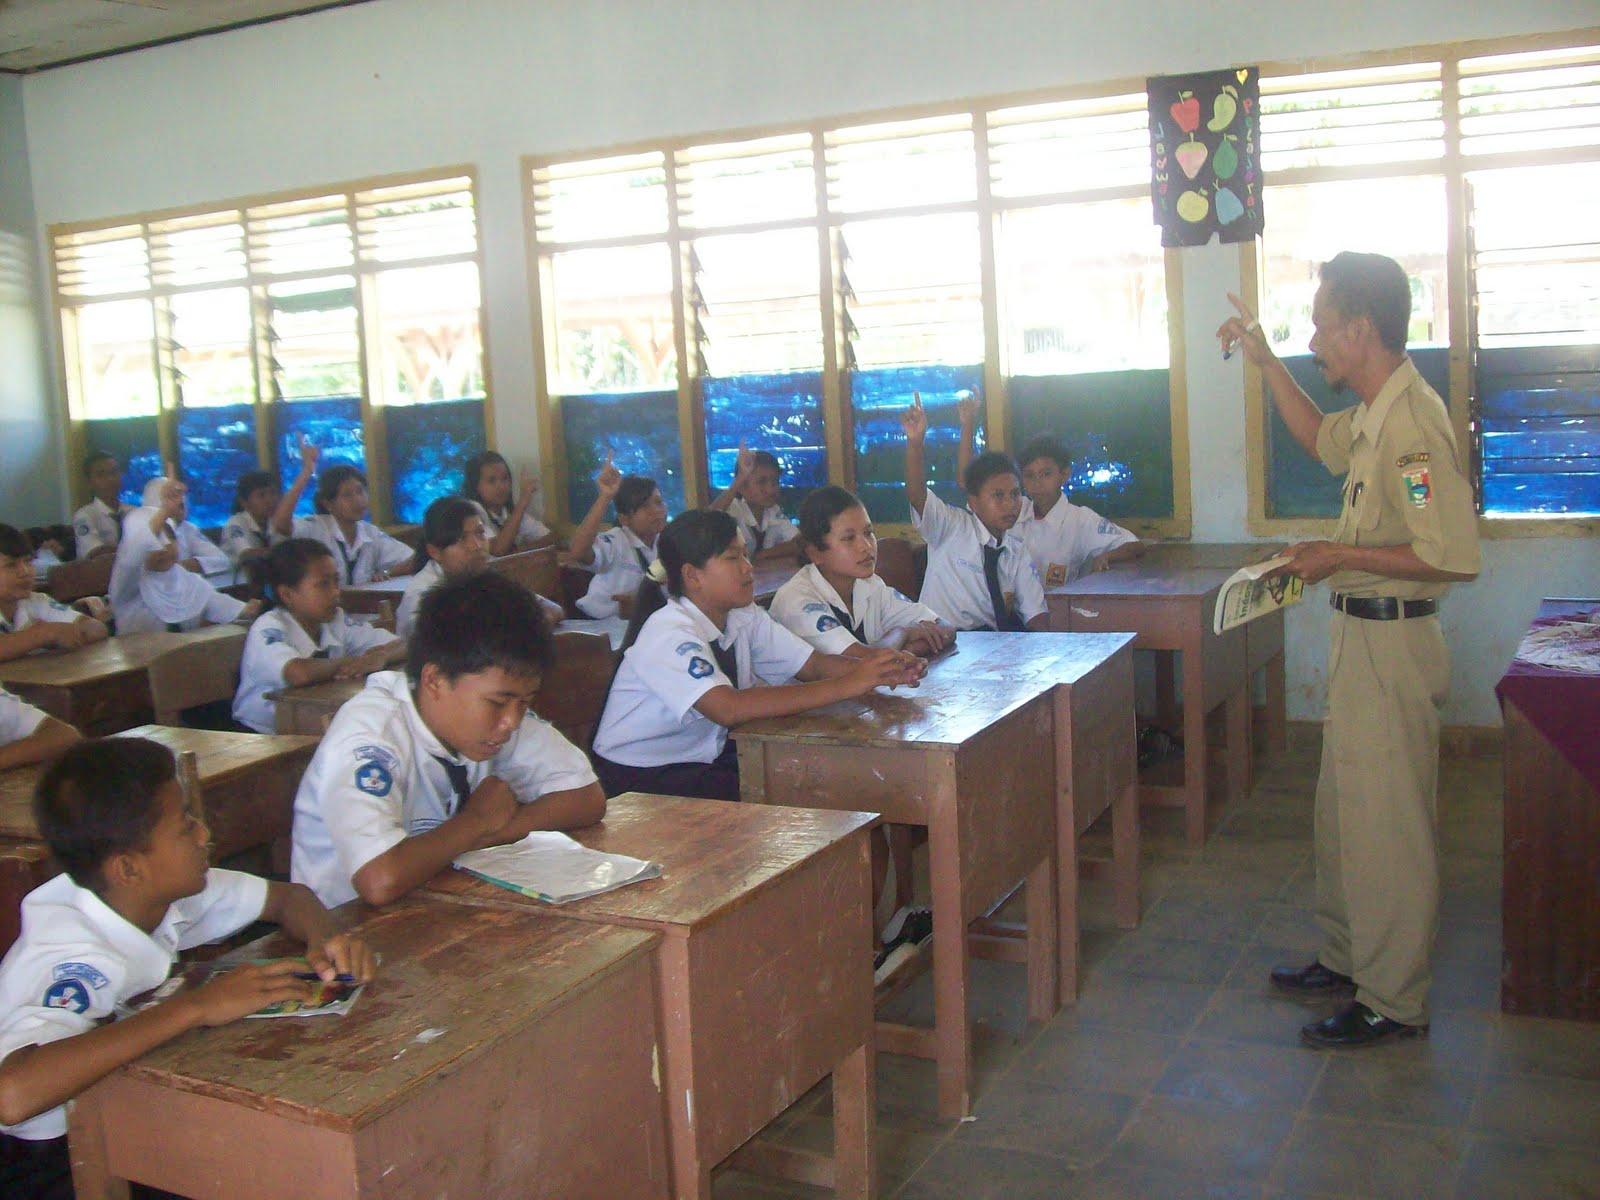 Makalah Pembangunan Sekolah Contoh Latar Belakang Pembuatan Makalah Share The Knownledge Bab